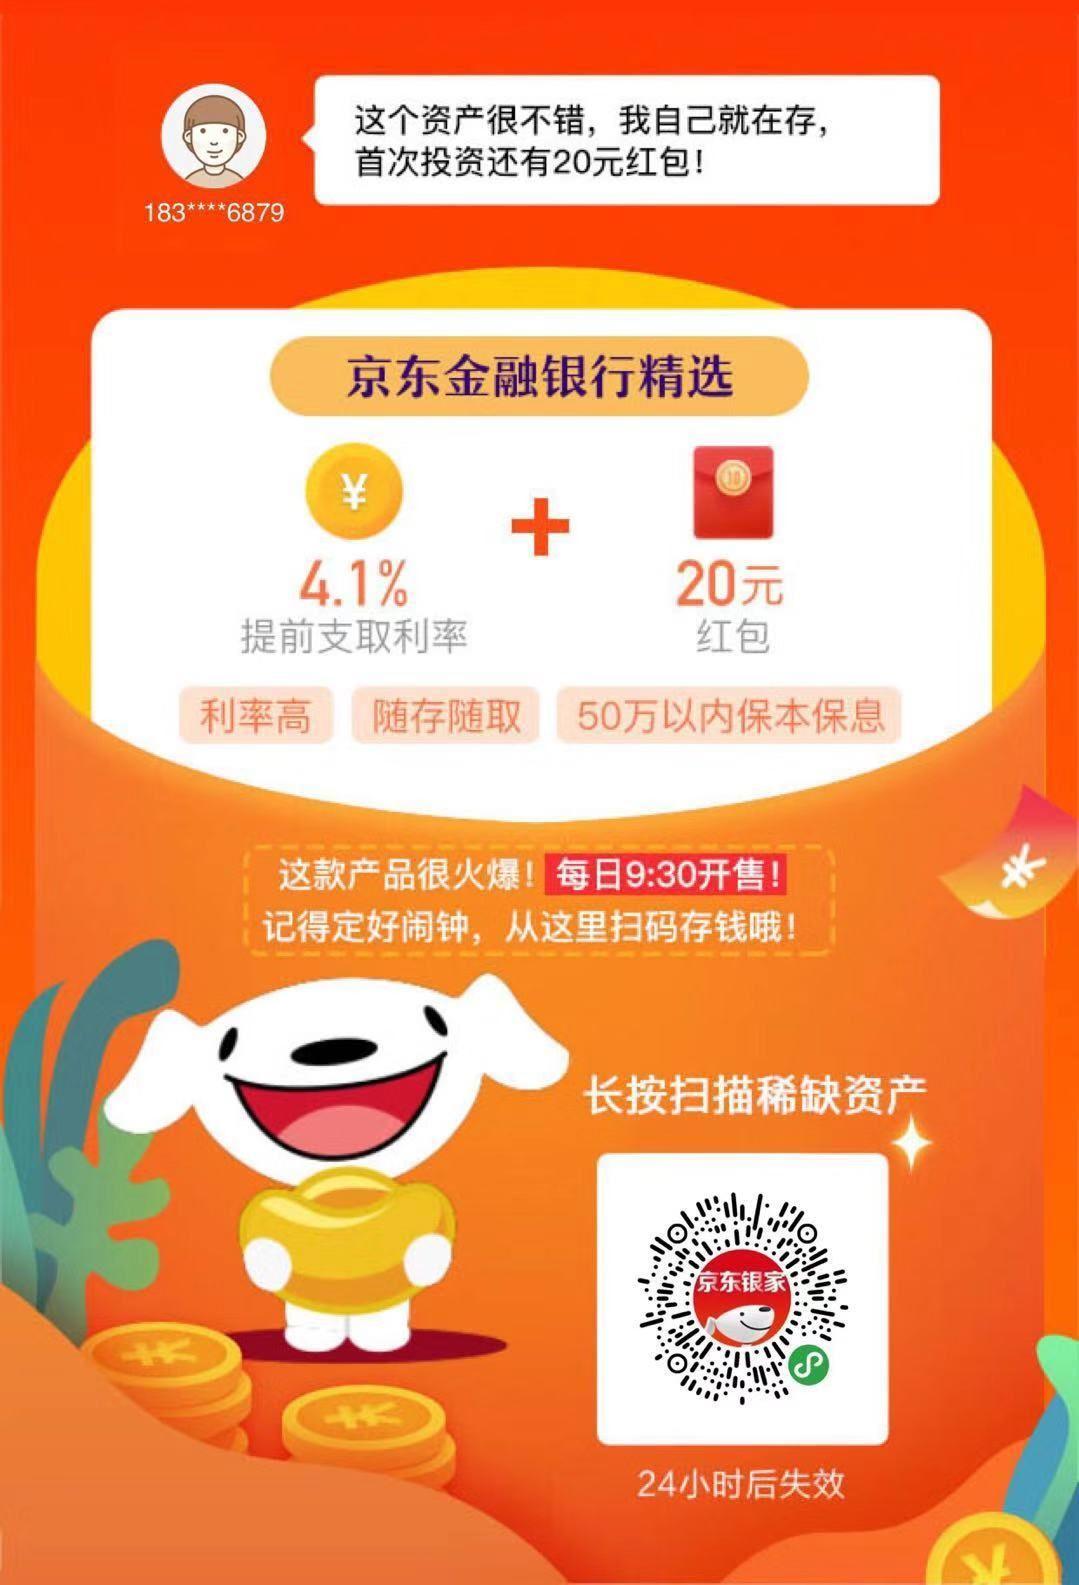 京东家的银行,参与活动100%得20元现金!